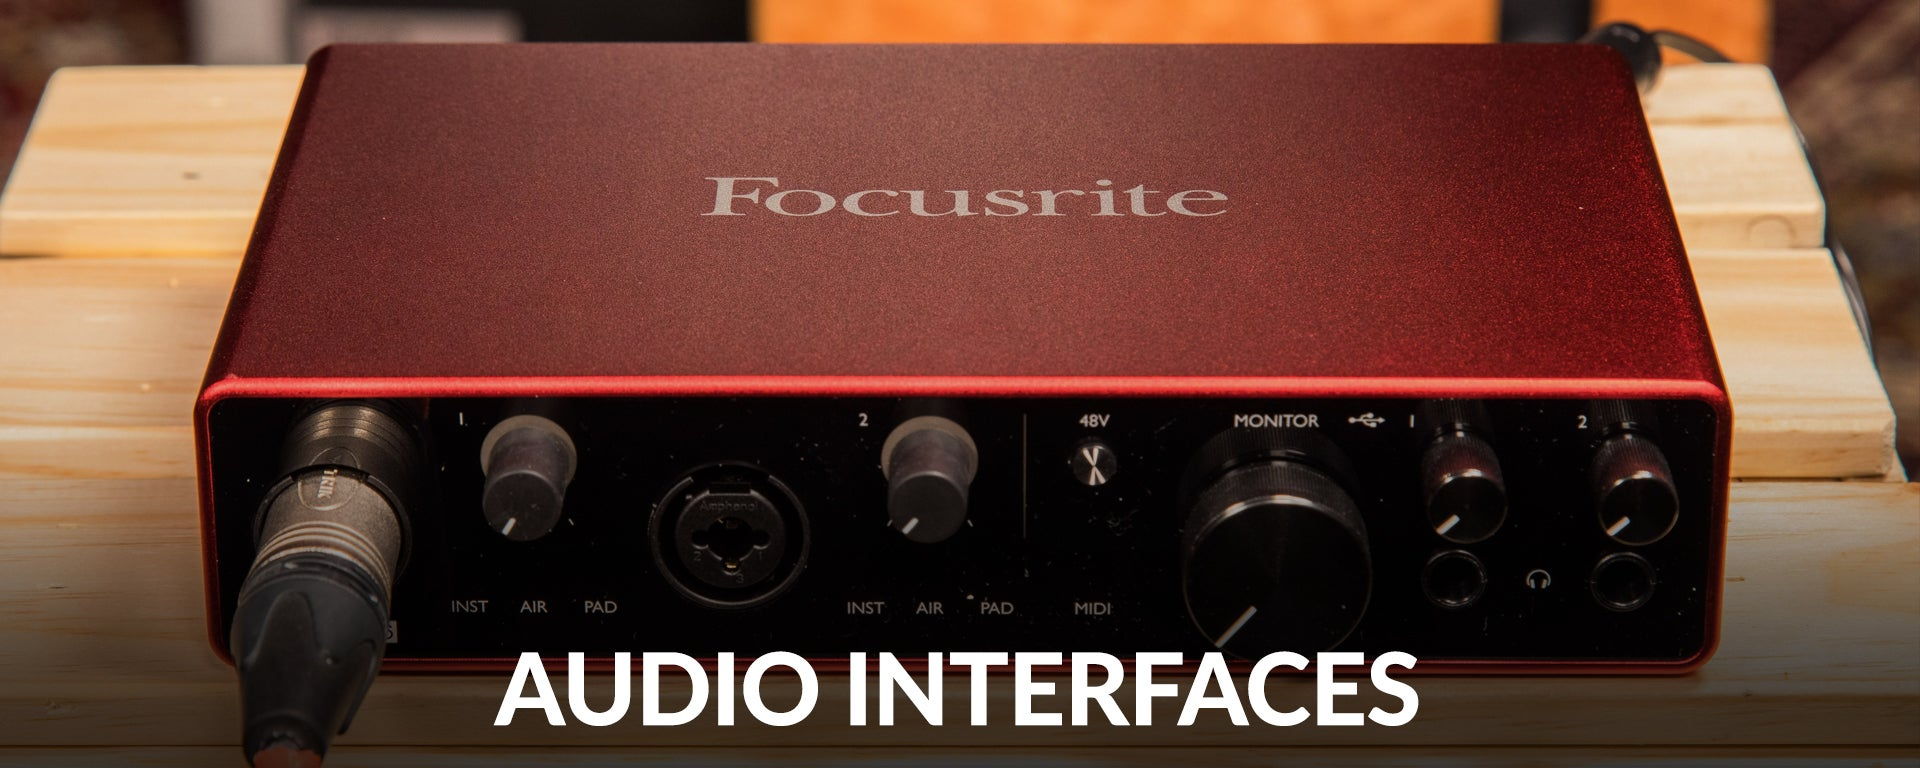 Shop Audio Interfaces at SamAsh.com